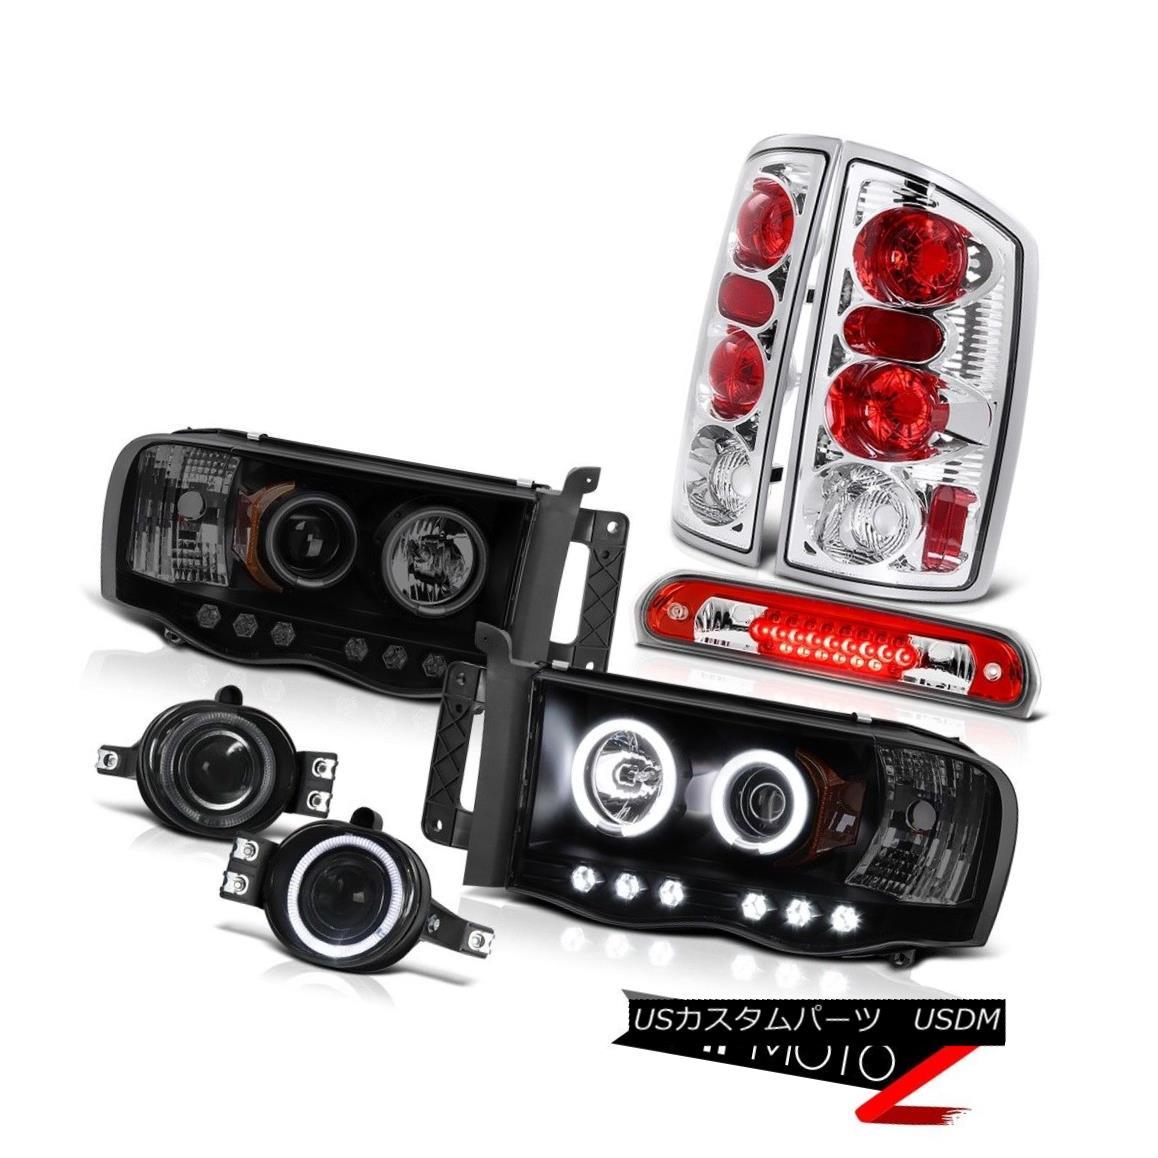 テールライト 02 03 04 05 Ram Headlight DRL Rear Brake Tail Lights Projector Foglamps Roof LED 02 03 04 05ラムヘッドライトDRLリアブレーキテールライトプロジェクターフォグランプルーフLED